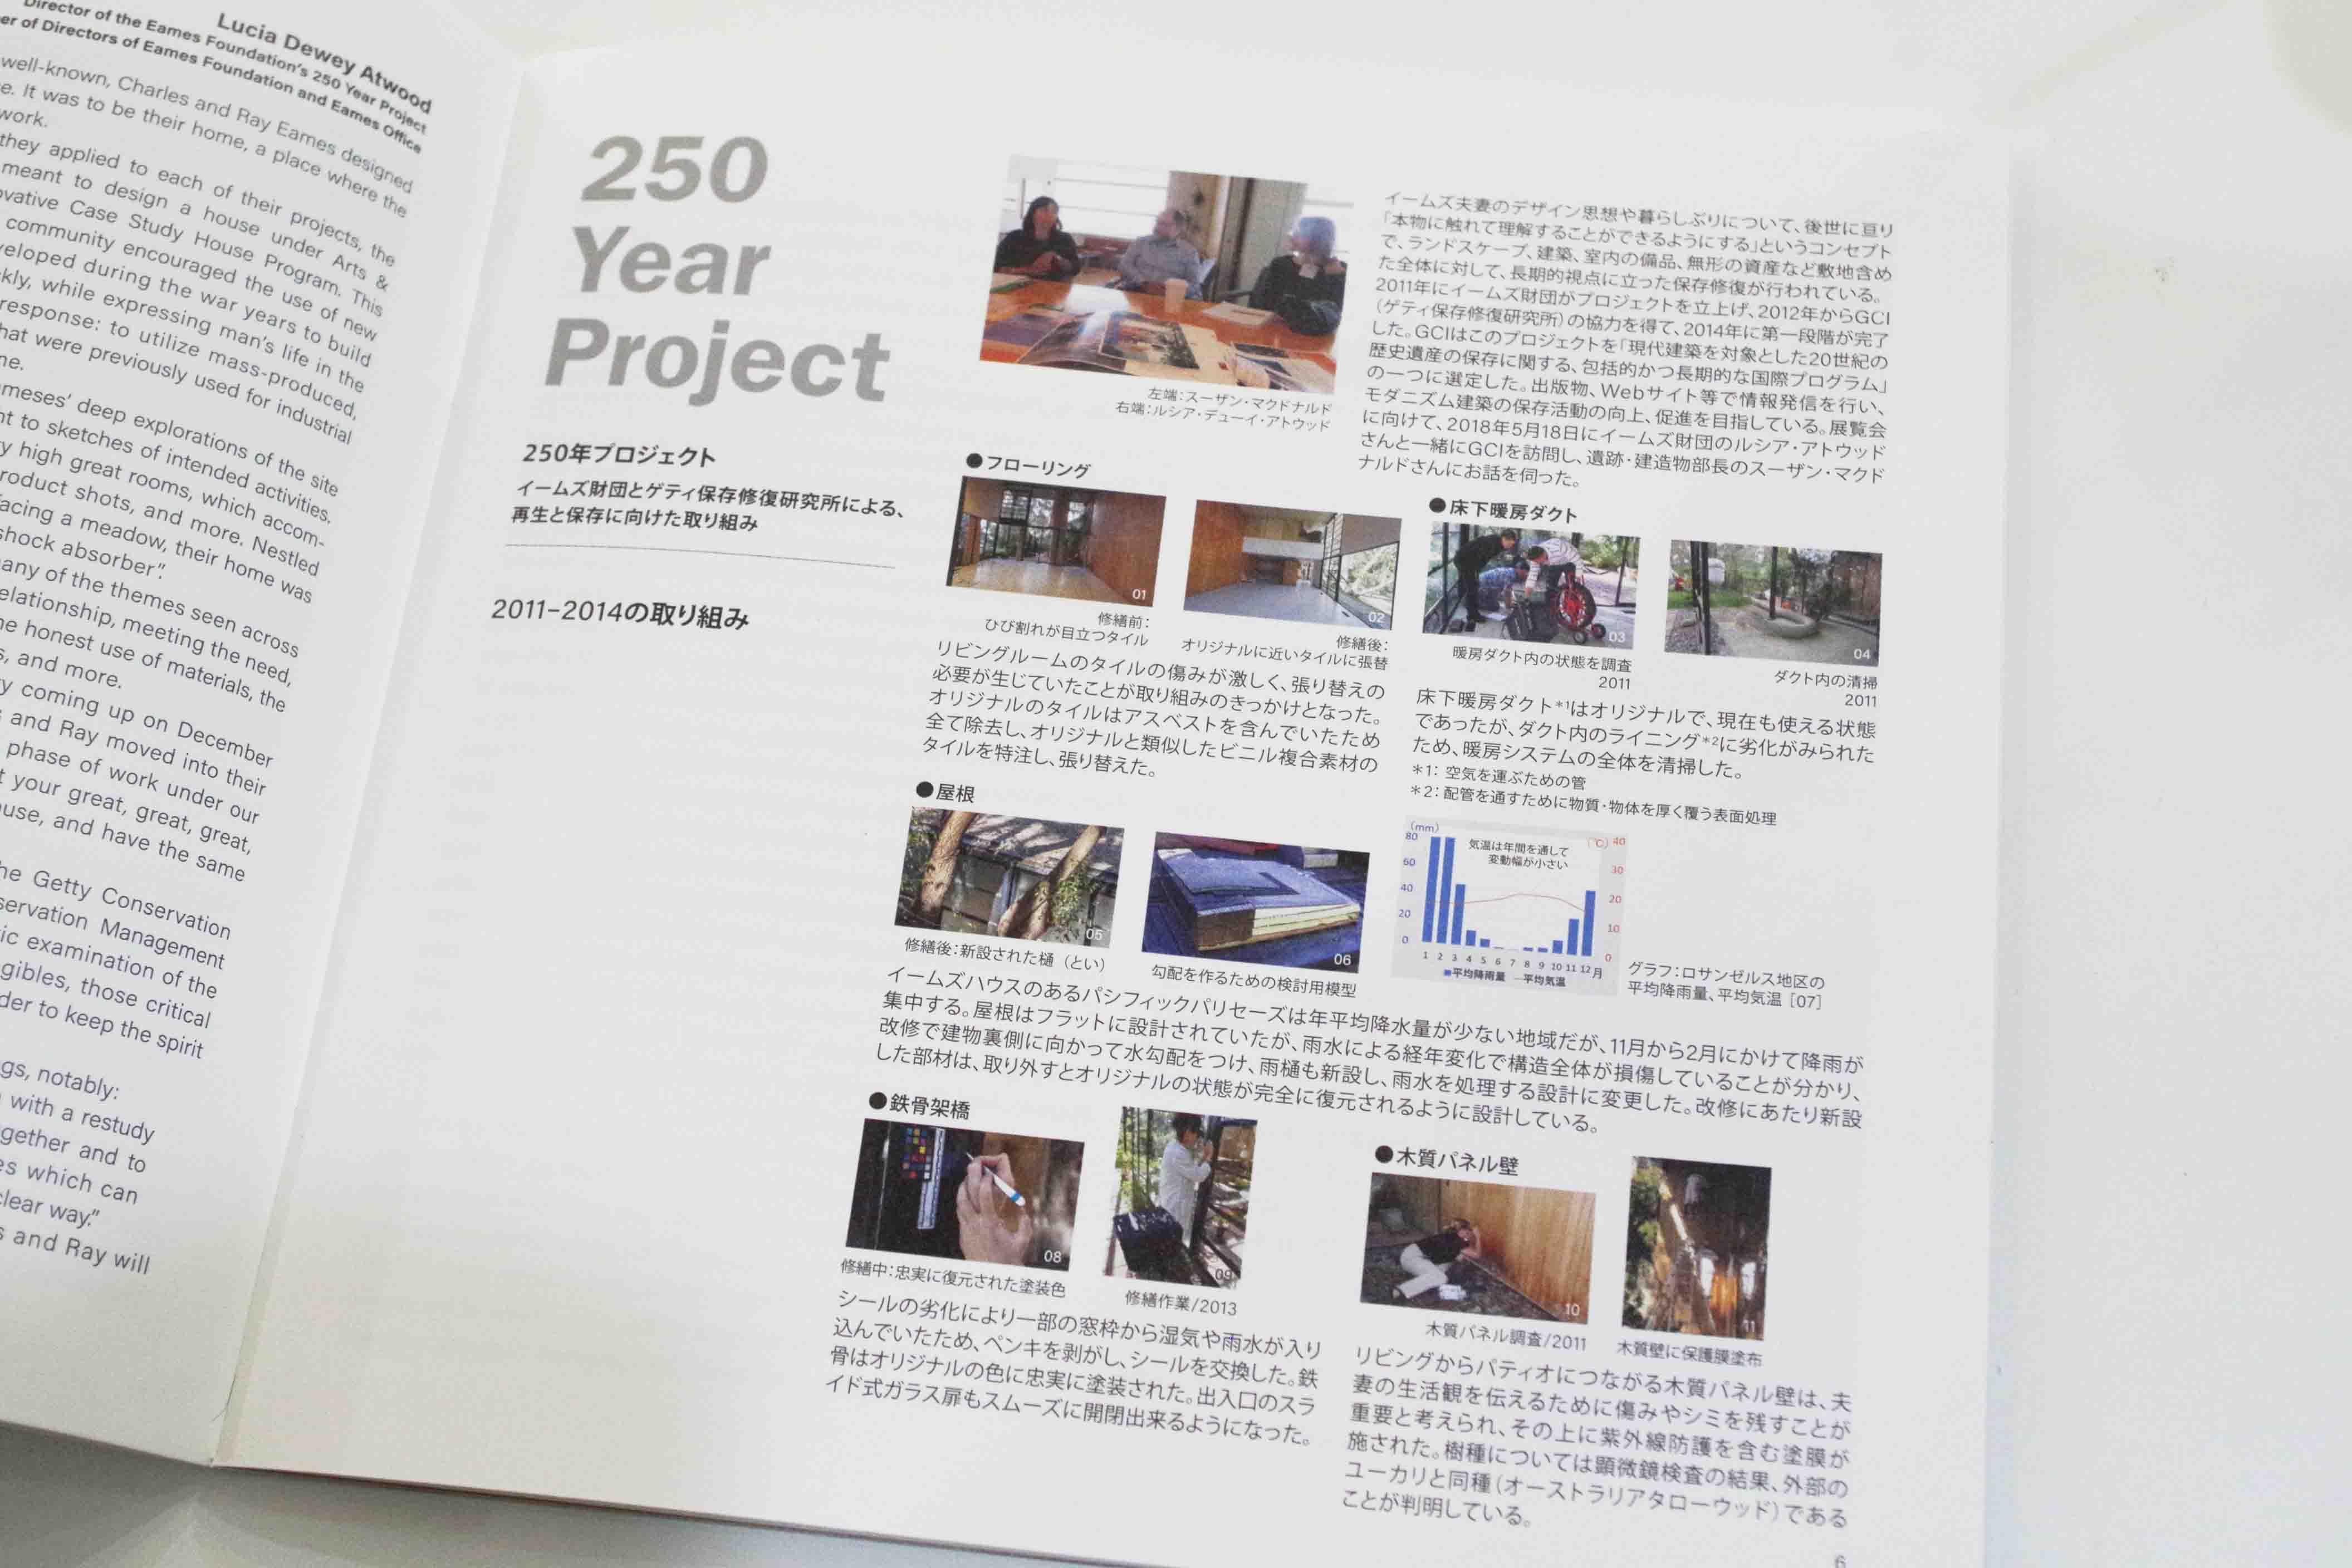 250年プロジェクト